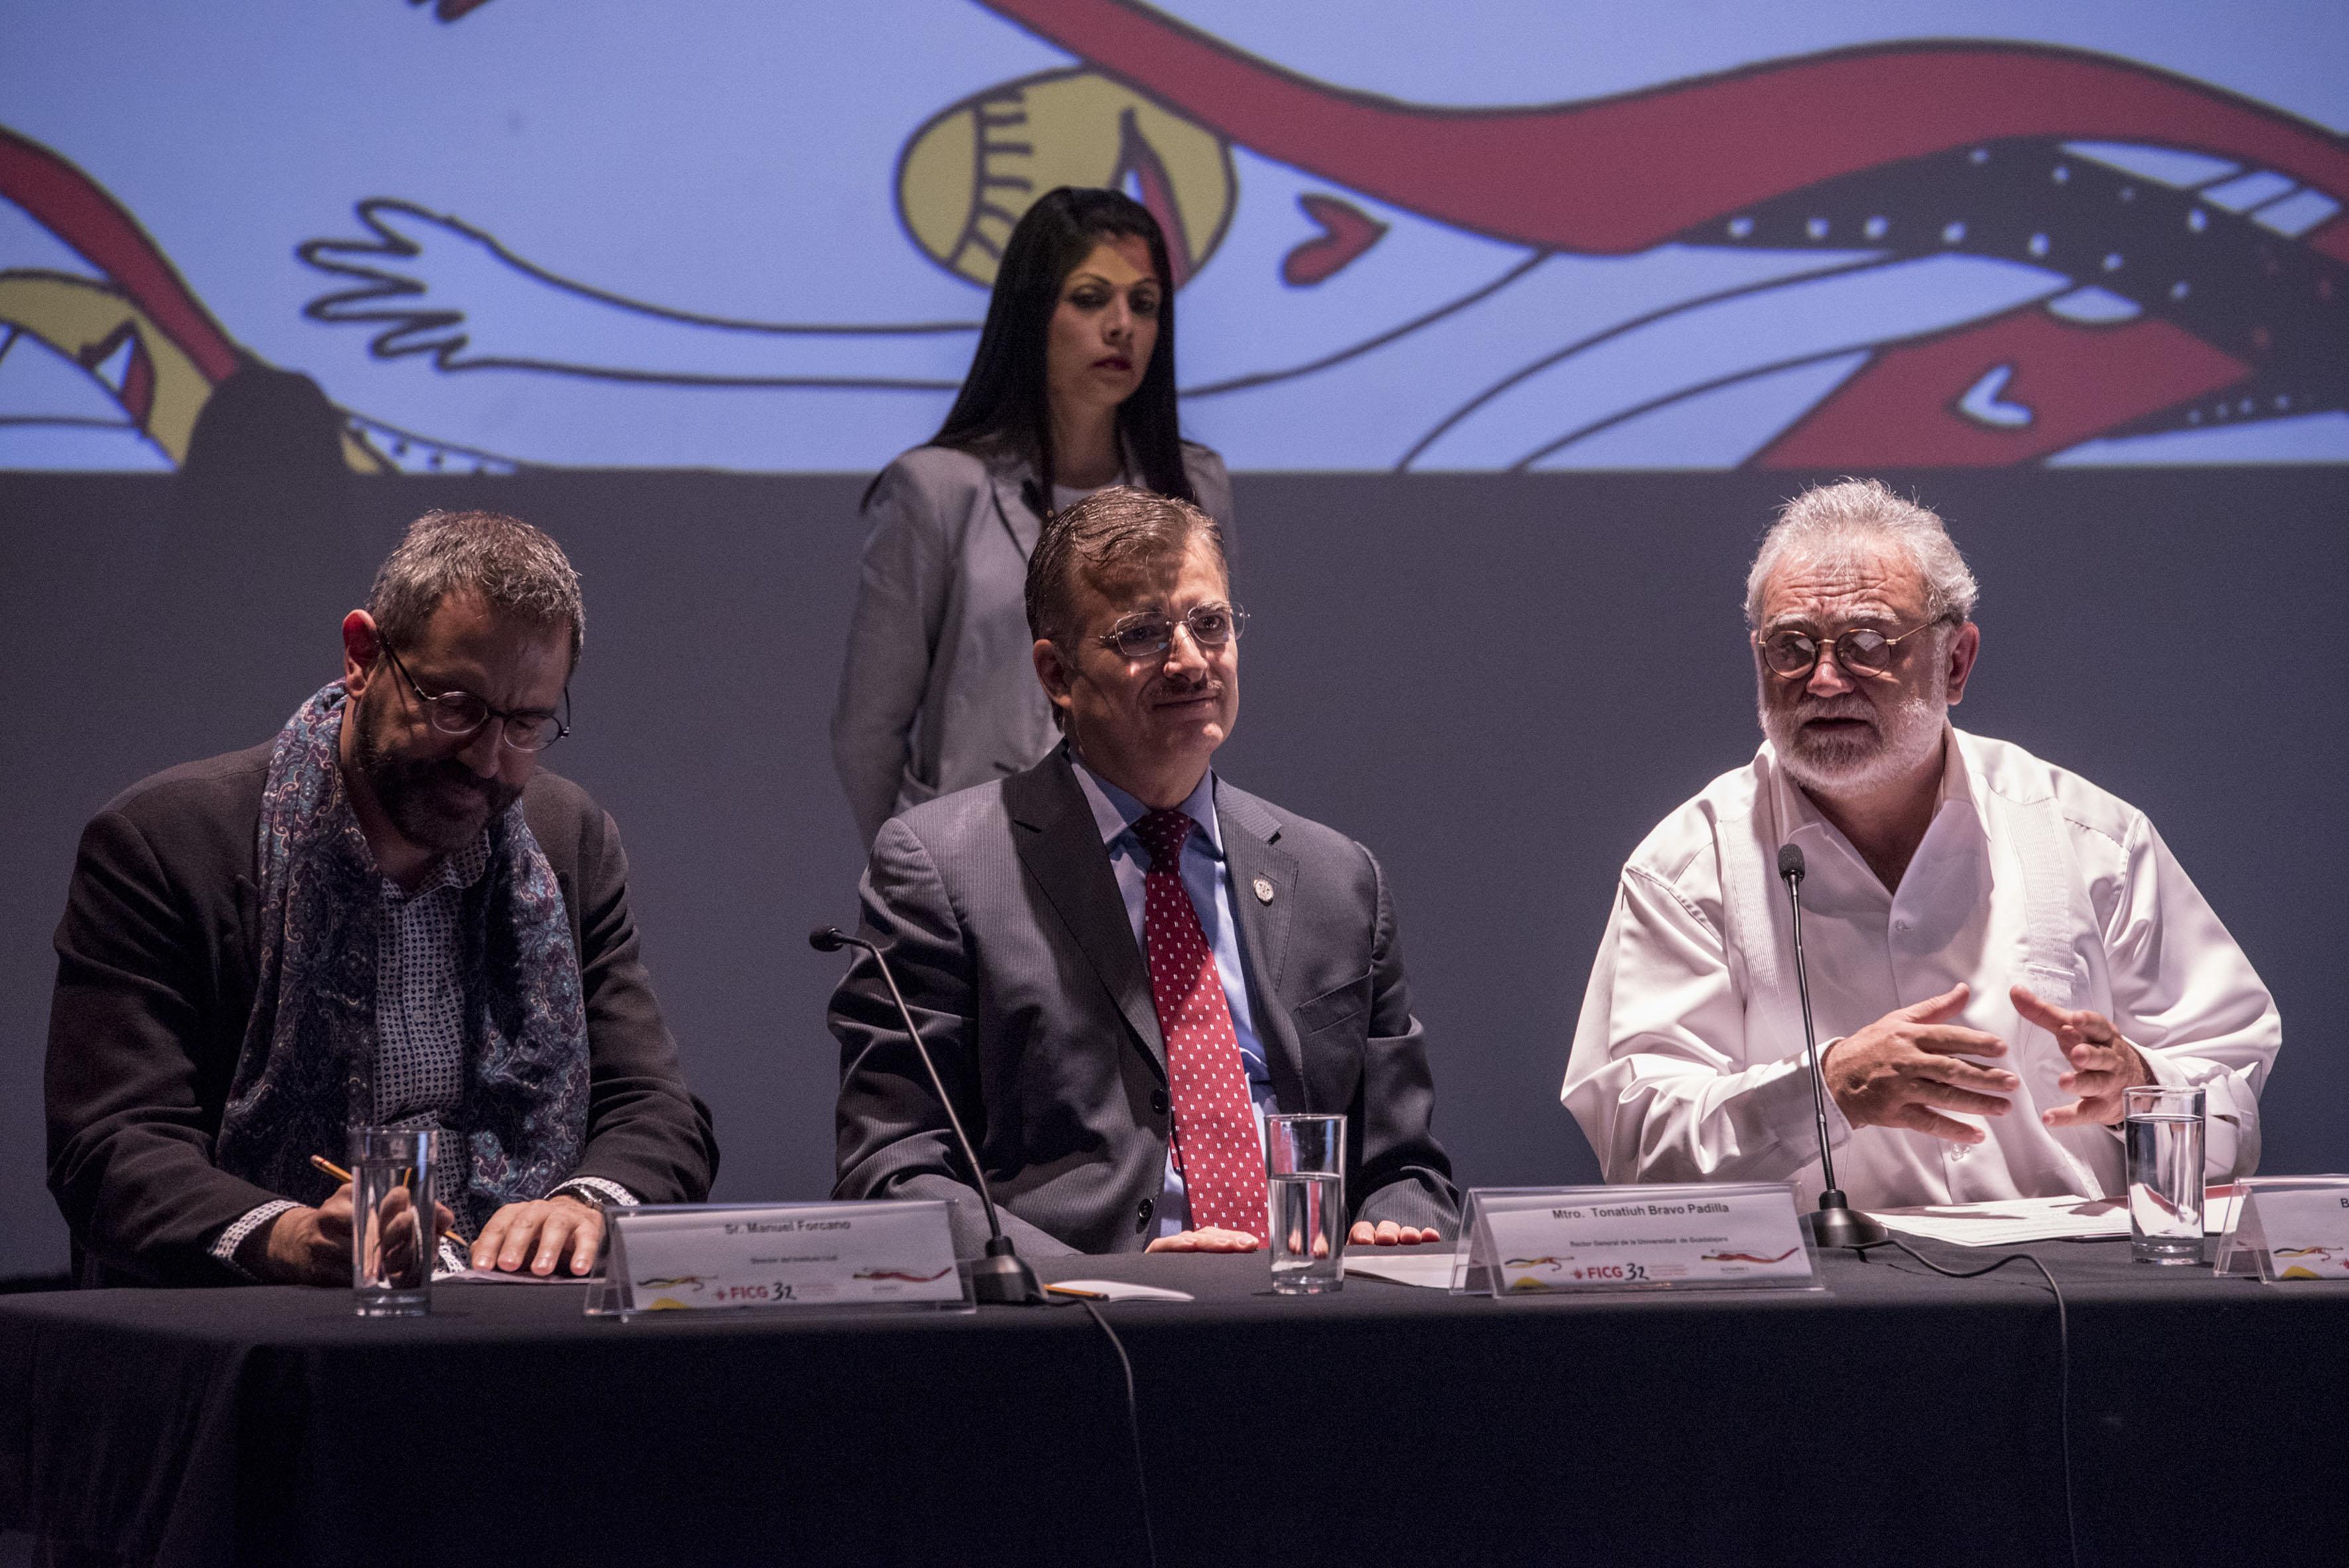 A la izquierda el Sr. Manuel Forcano, al centro el Rector general de la Universidad de Guadalajara y a la derecha el presidente general de la FICG, en rueda de prensa para dar a conocer los ganadores de los premios palmares y el próximo invitado de honor.